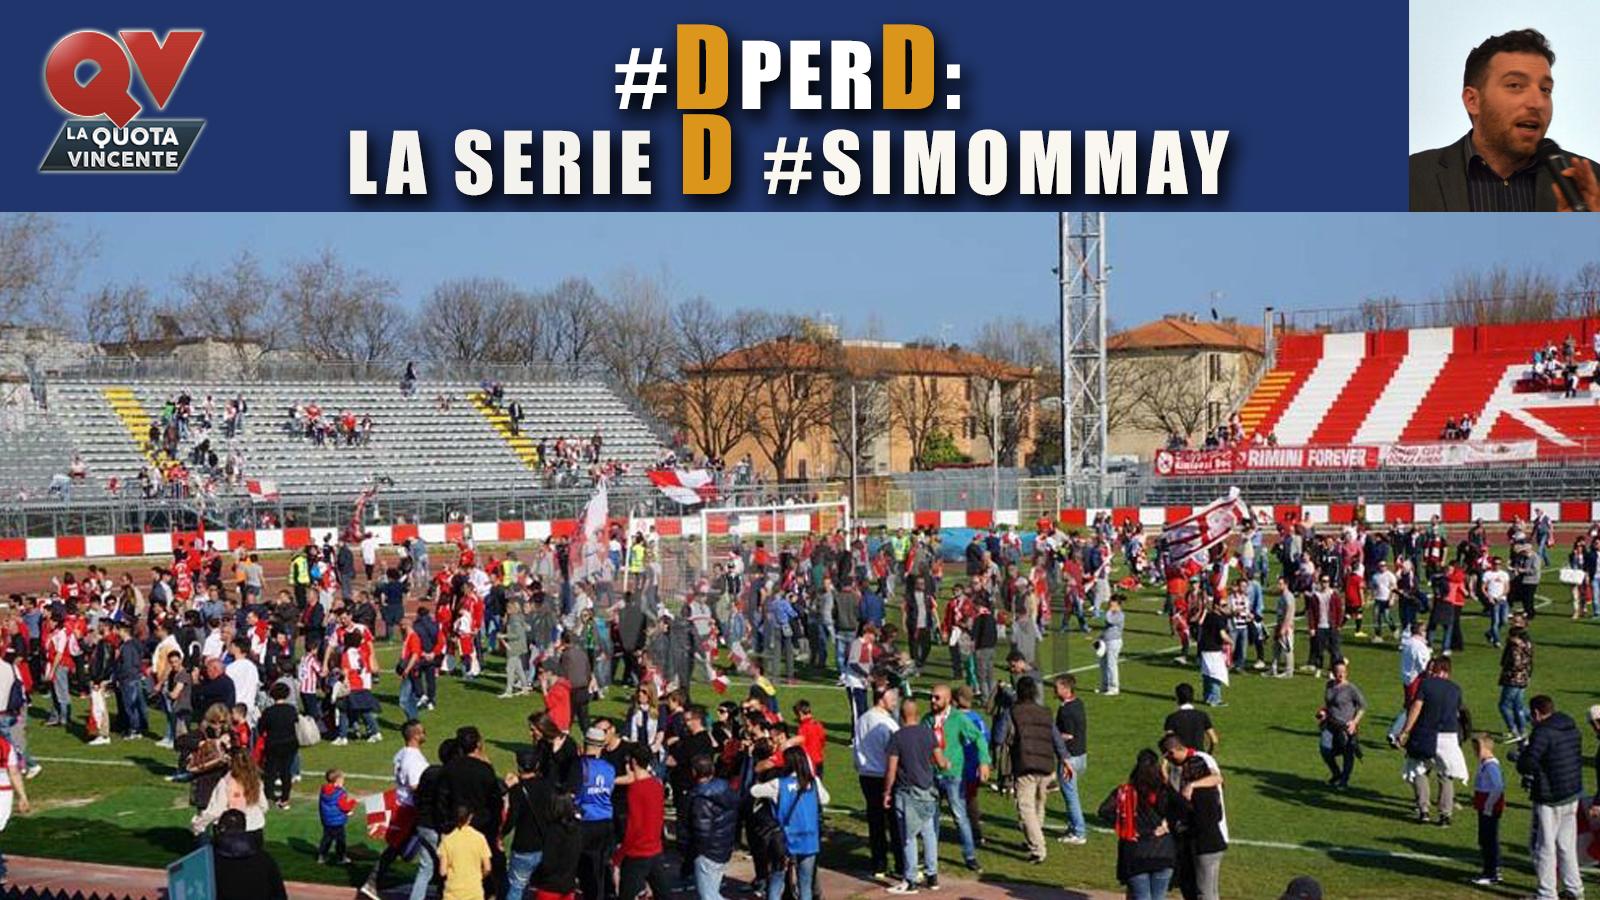 Pronostici Serie D domenica 22 aprile: l'analisi di tutte le gare IN UN CLICK!